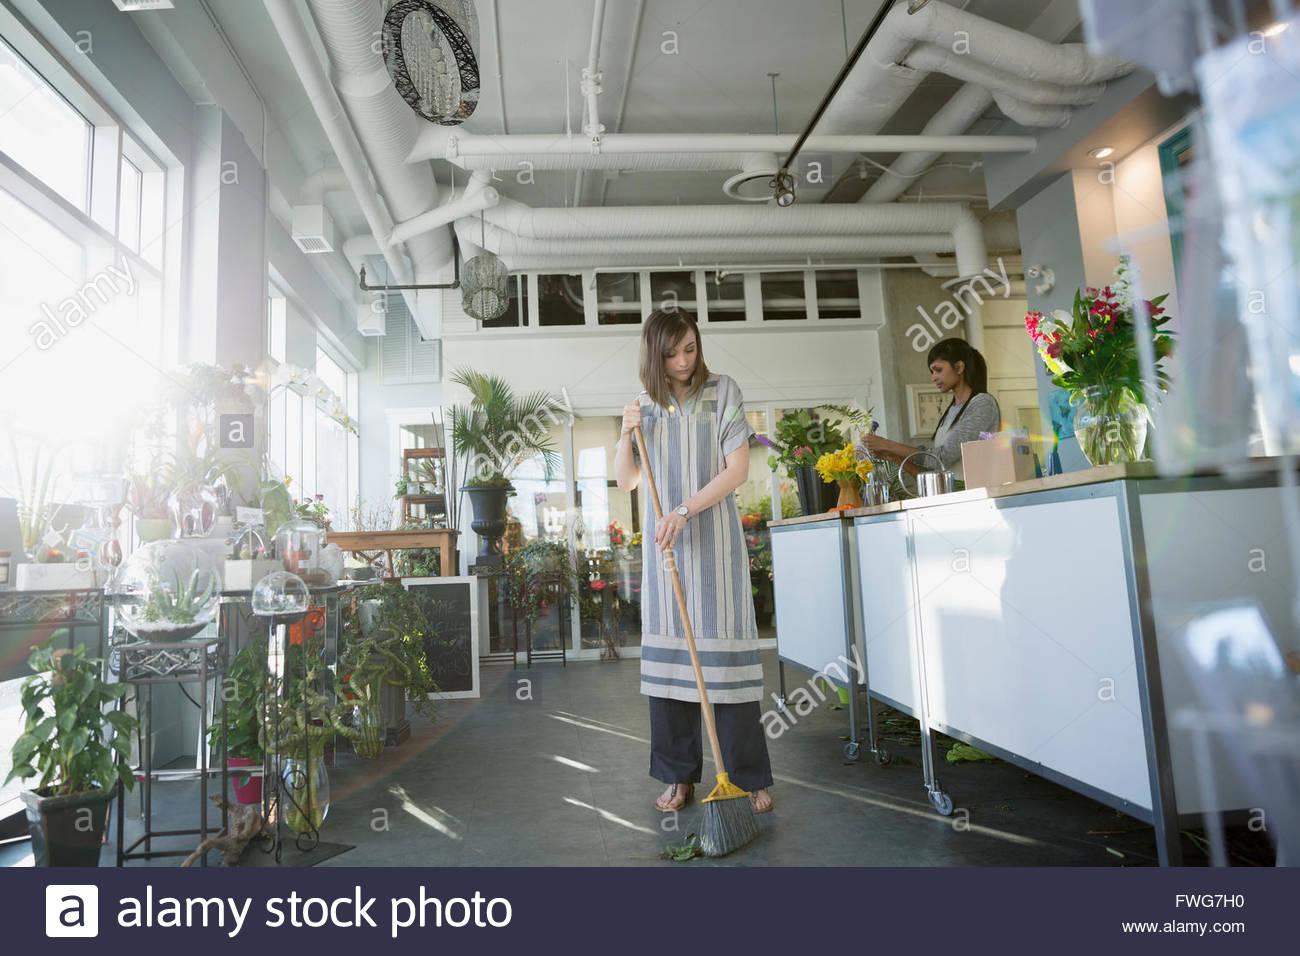 Floor sweeping floor in flower shop - Stock Image